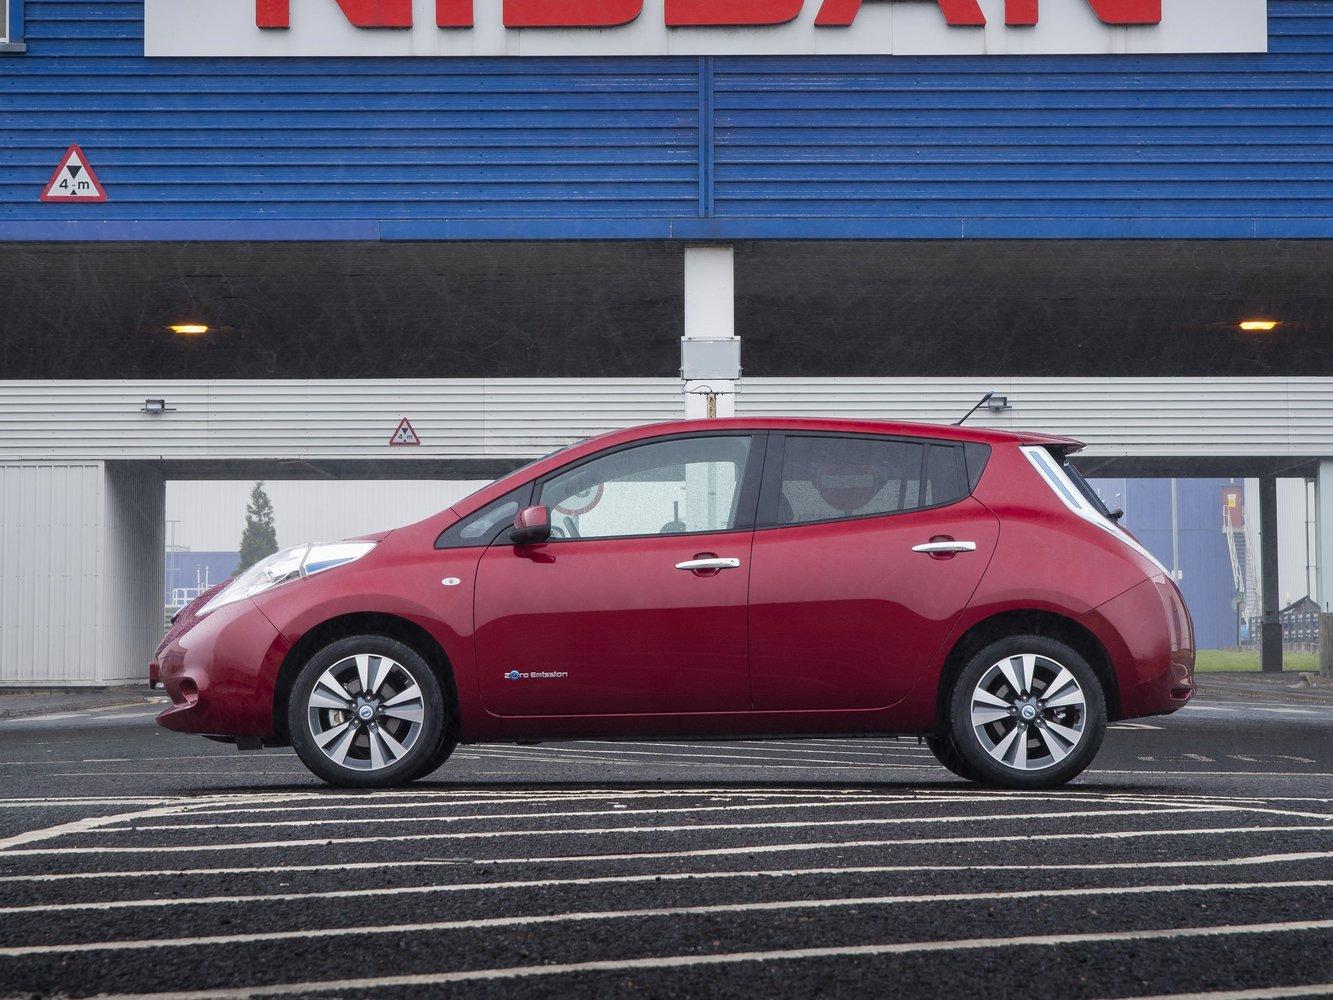 Nissan Leaf (Ниссан Лиф) - Продажа, Цены, Отзывы, Фото ...